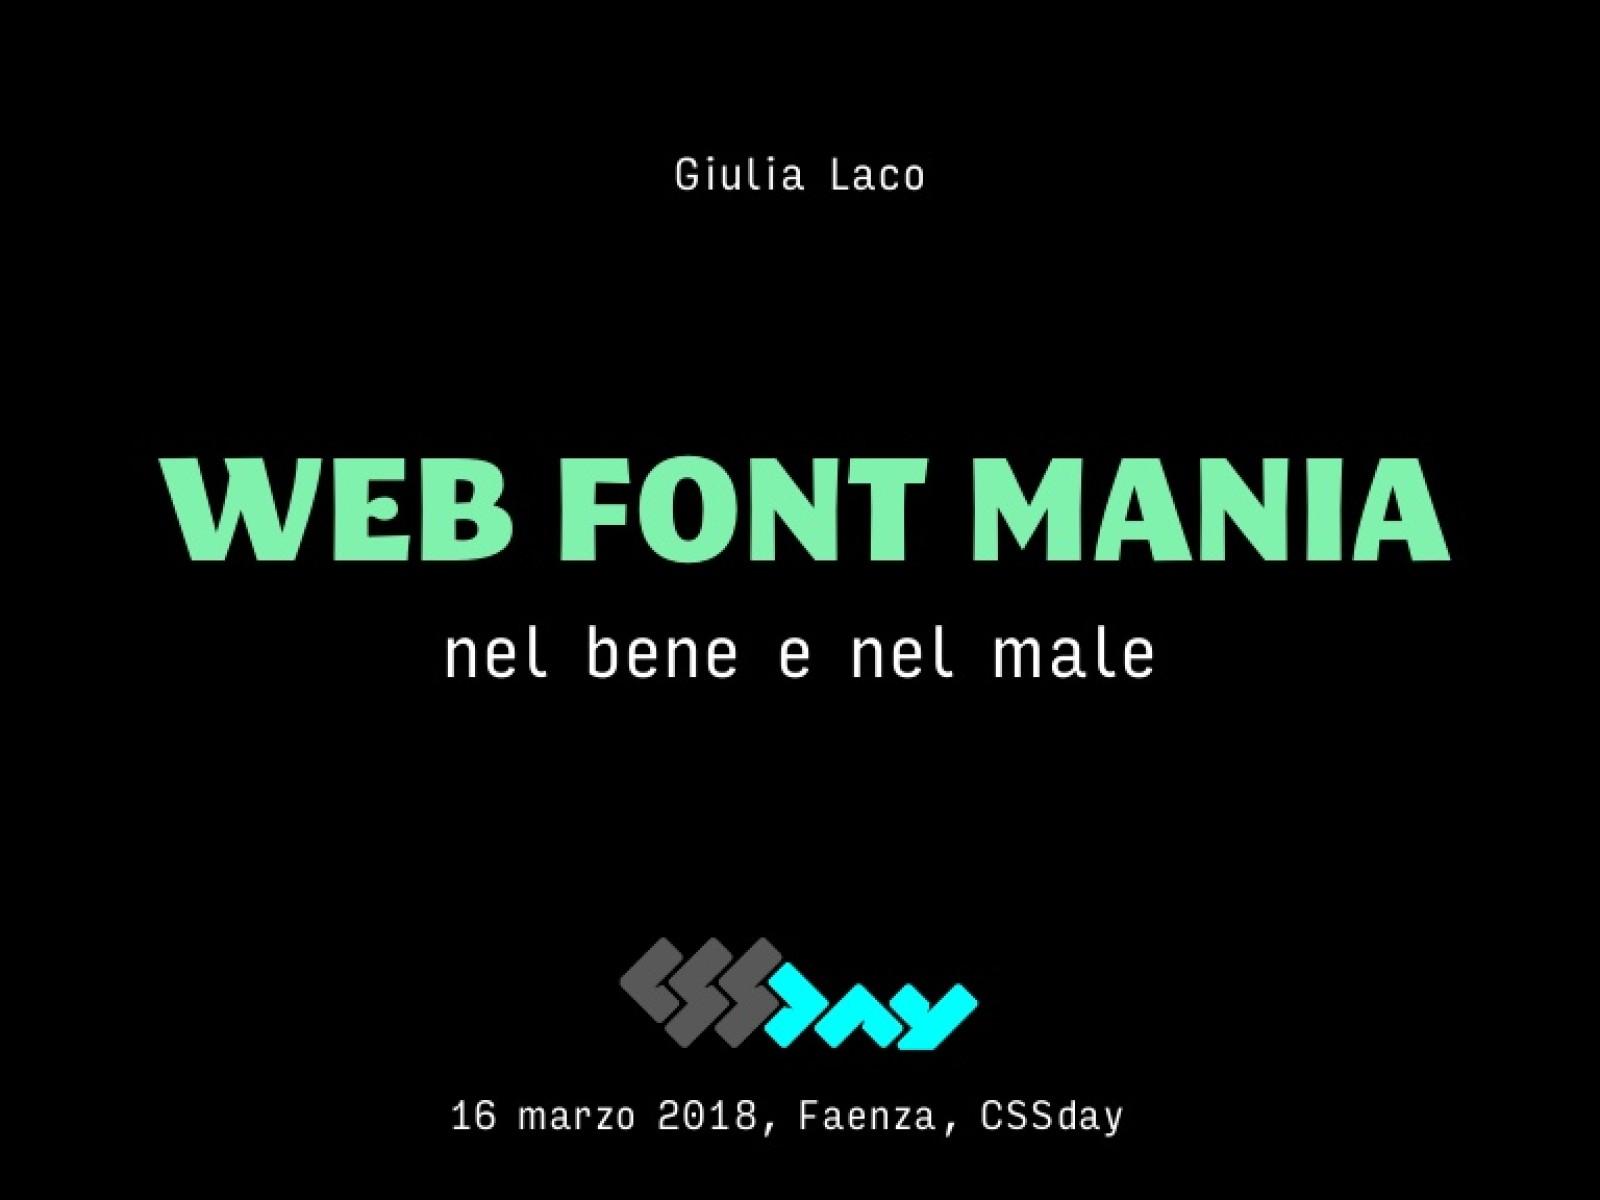 Web font mania – nel bene e nel male